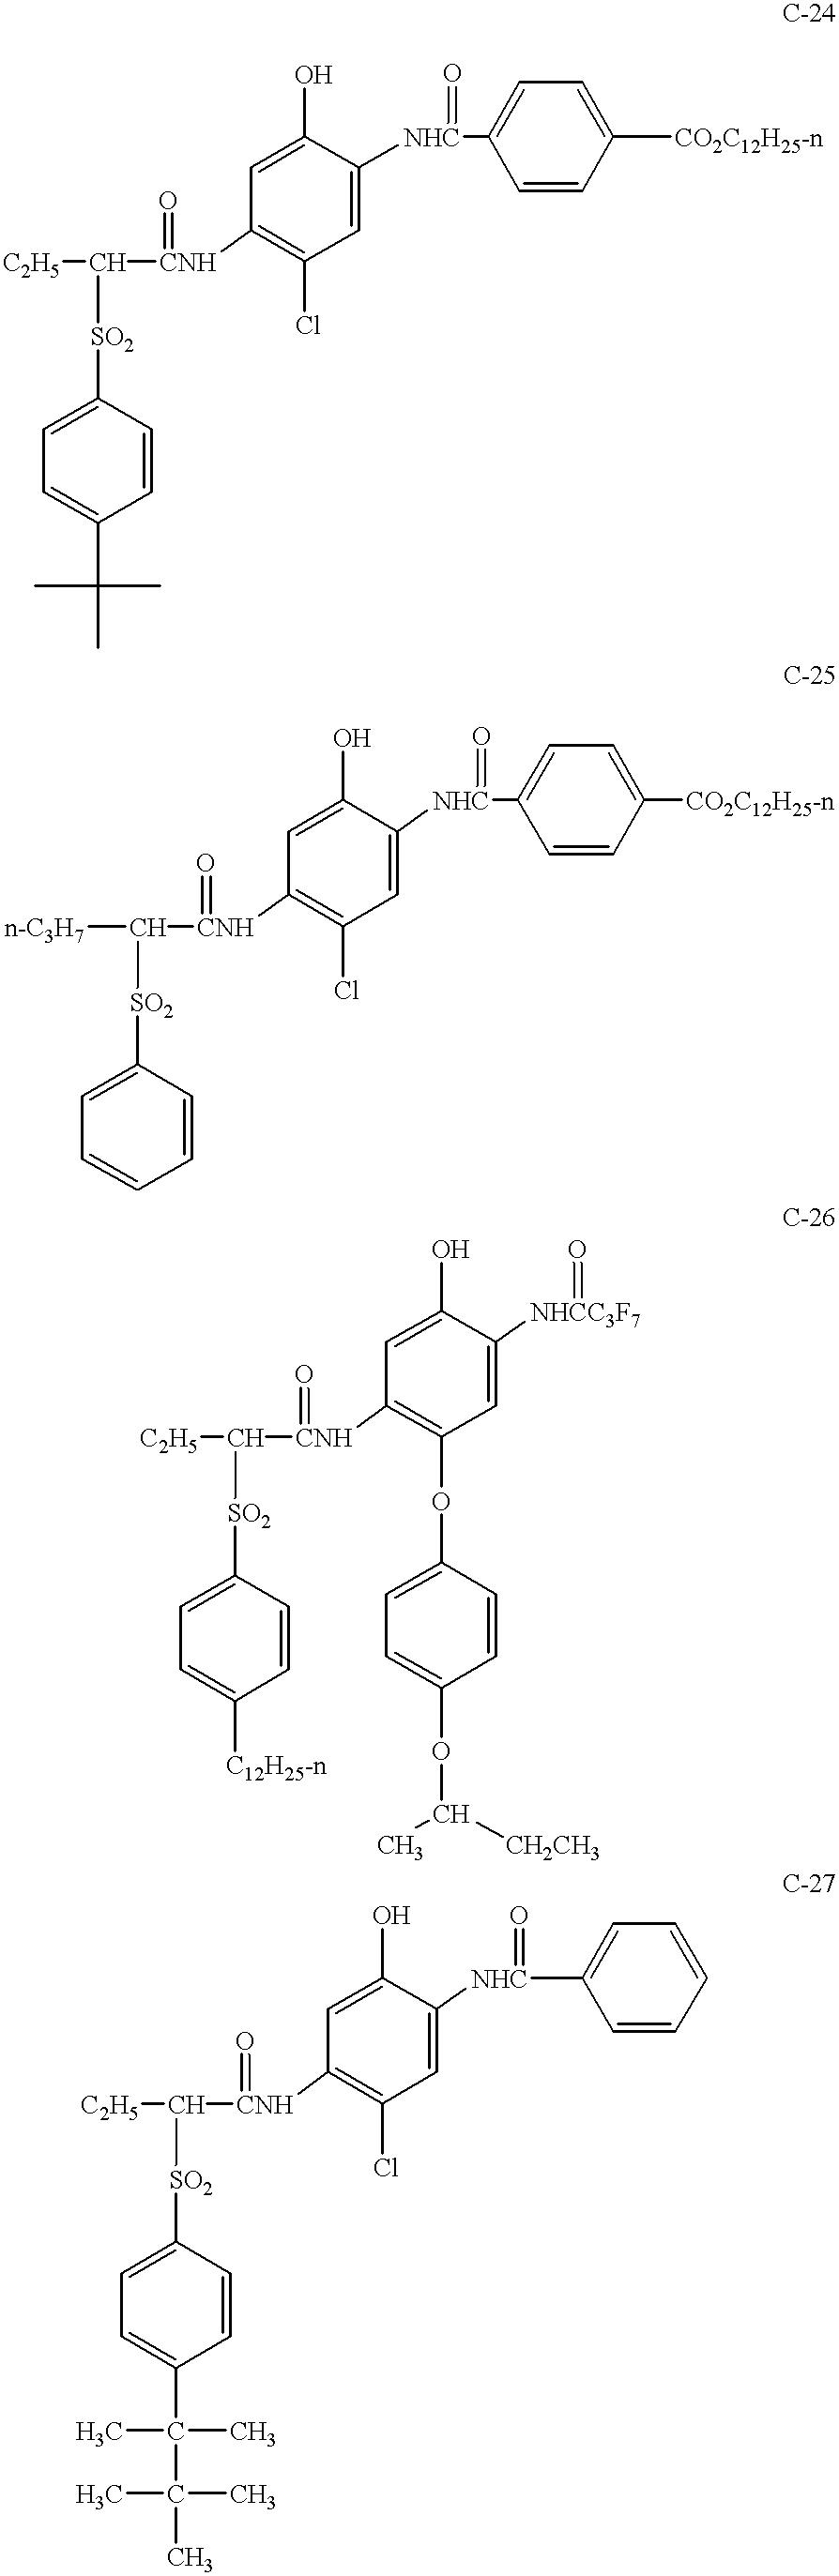 Figure US06368759-20020409-C00014